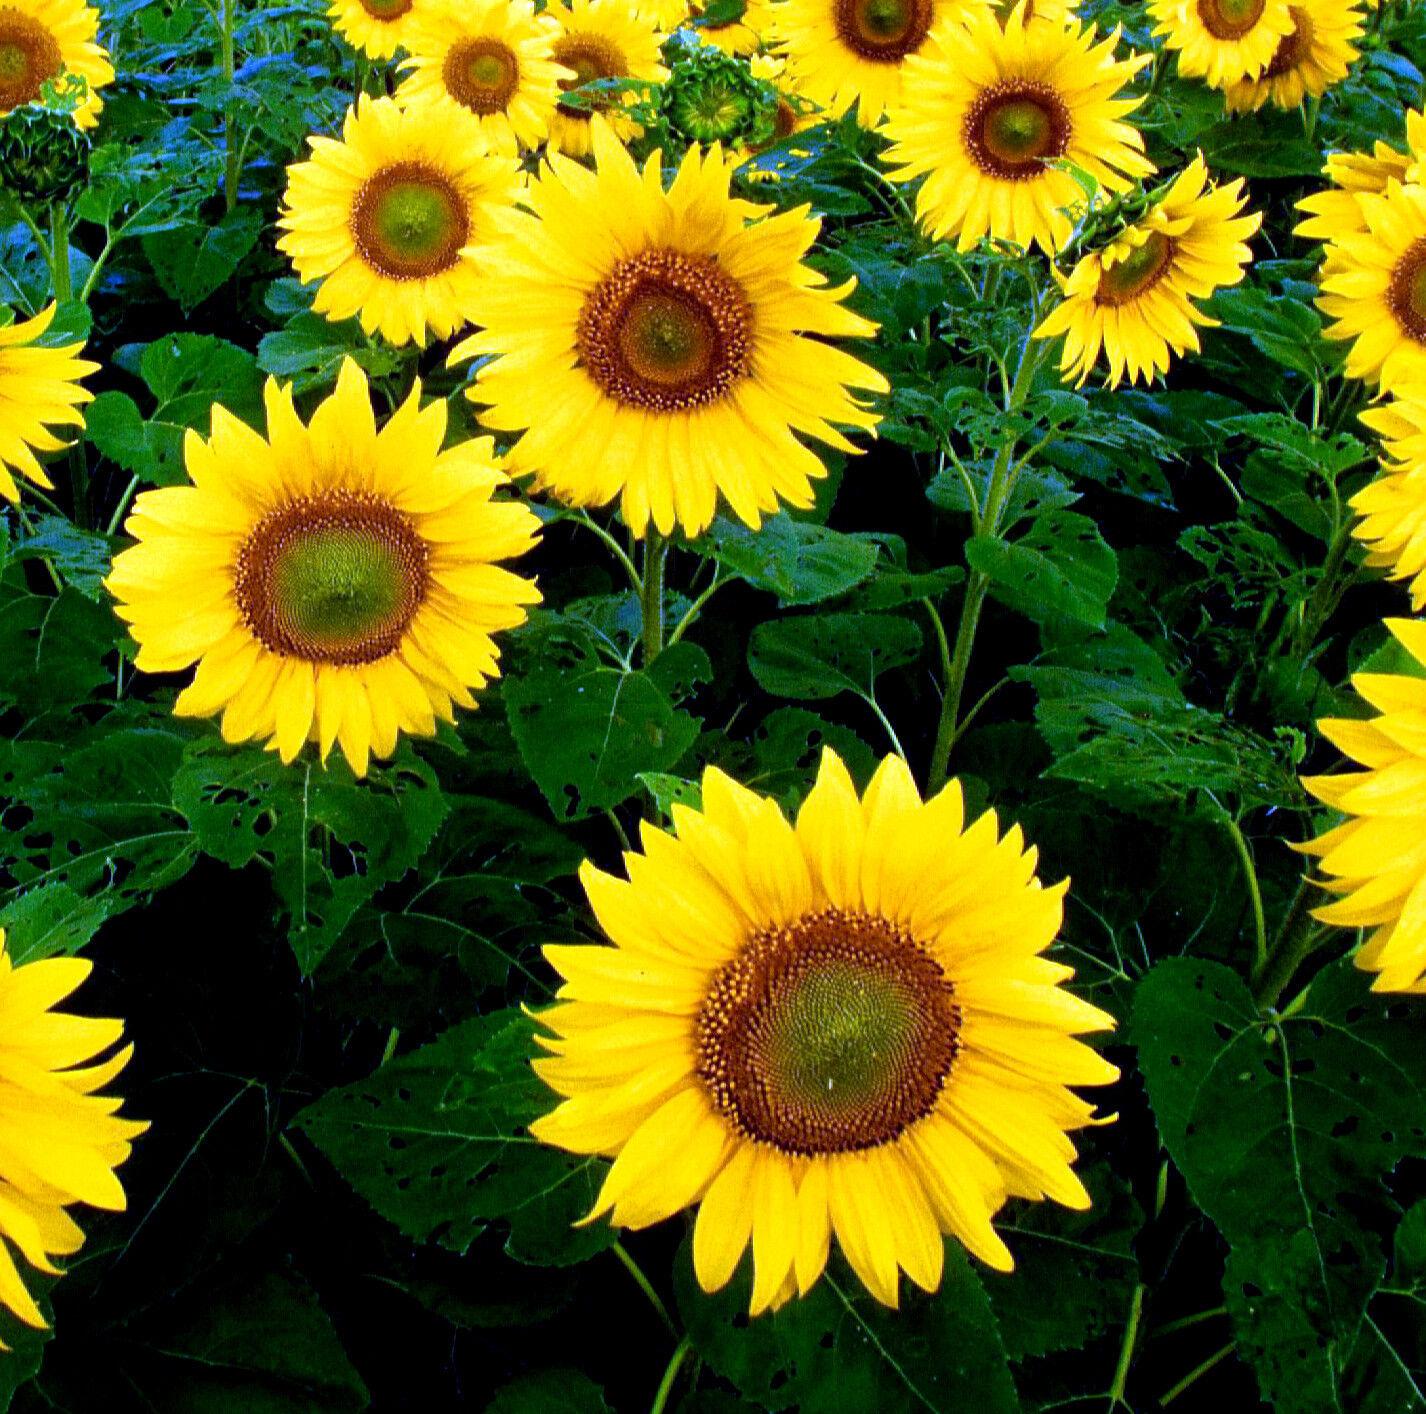 sonnenblumen riesig gelb einzeln 50 samen einj hrige pflanzen ebay. Black Bedroom Furniture Sets. Home Design Ideas